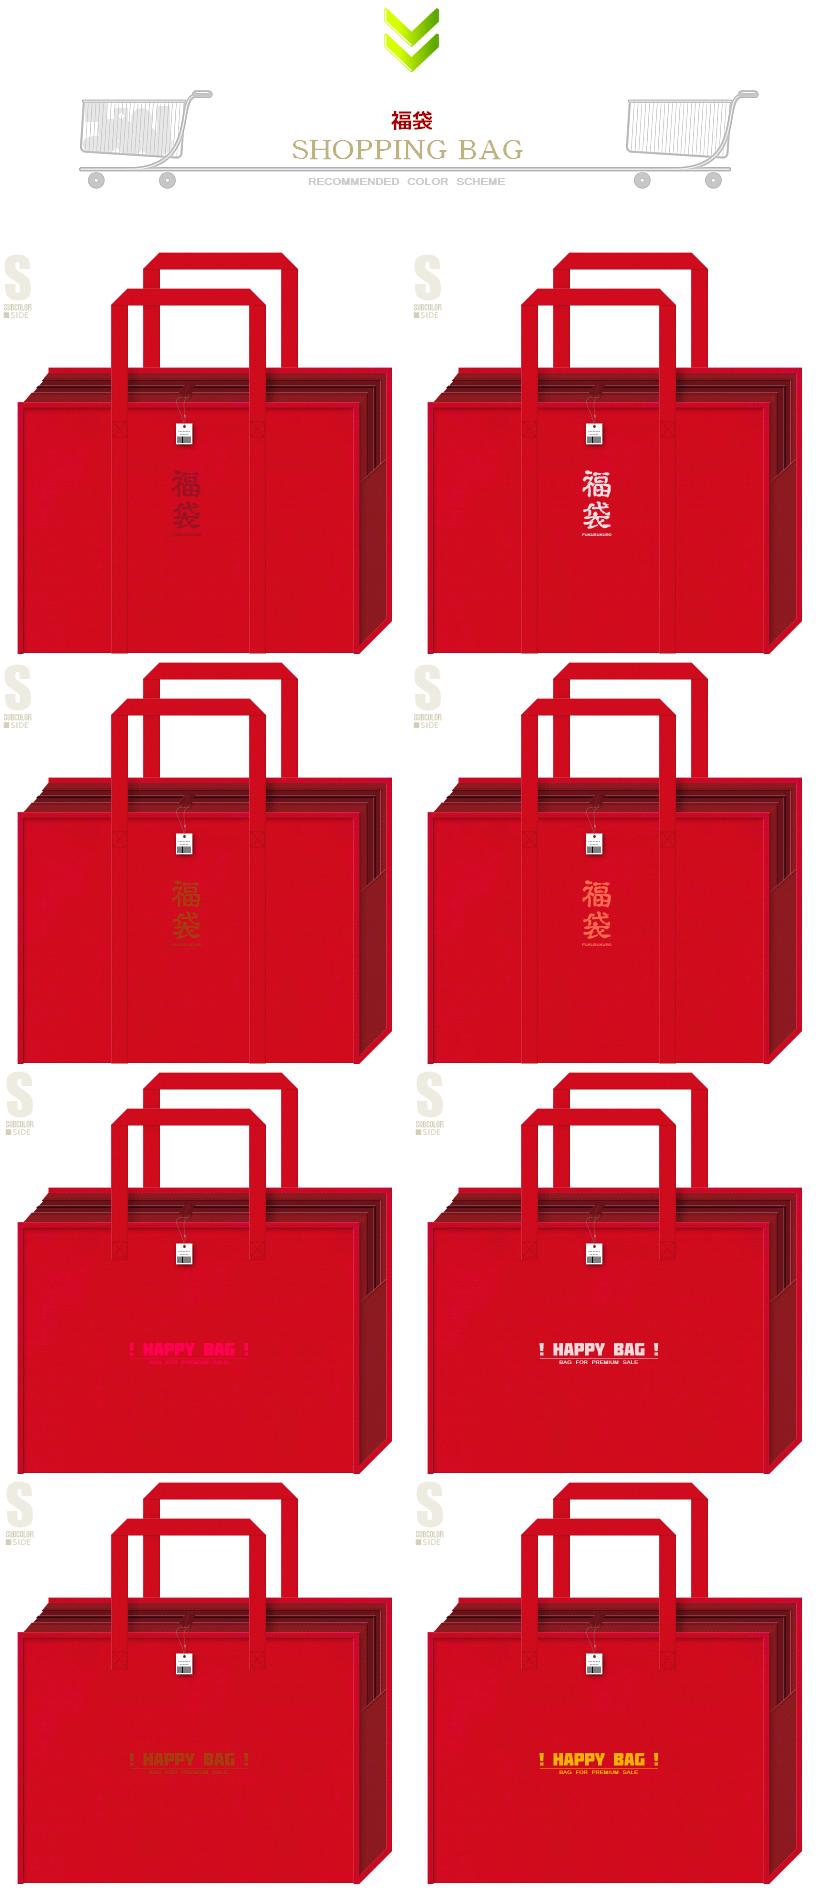 紅色とエンジ色の不織布バッグデザイン:福袋